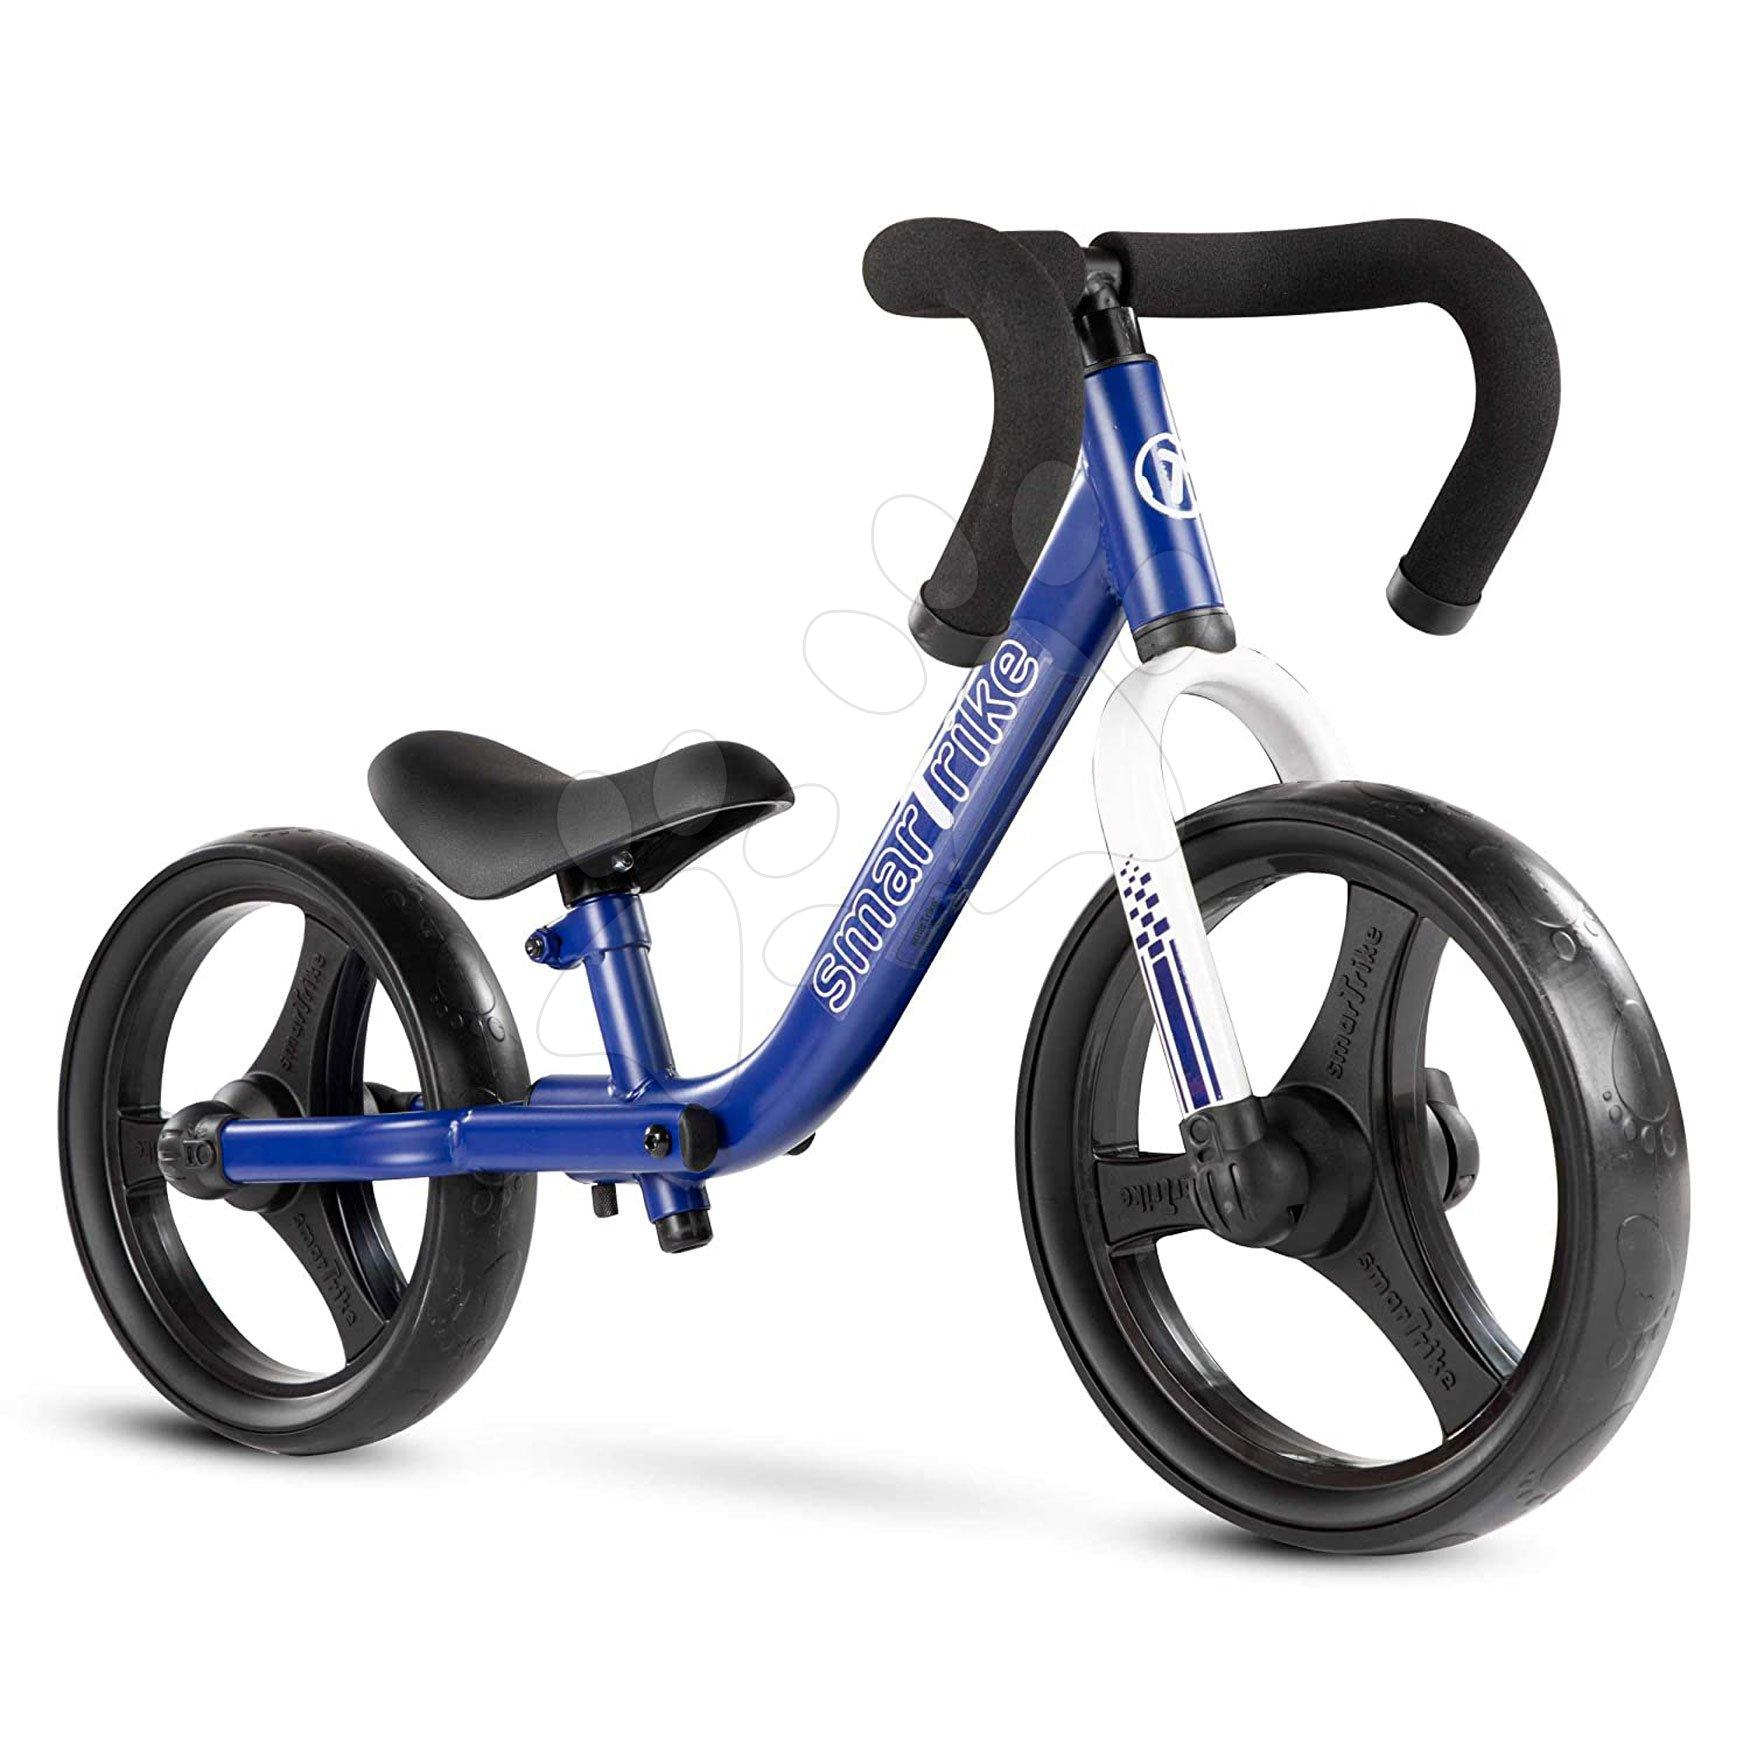 Balančné odrážadlo skladacie Folding Balance Bike Blue smarTrike z hliníka s ergonomickými úchytmi od 2-5 rokov